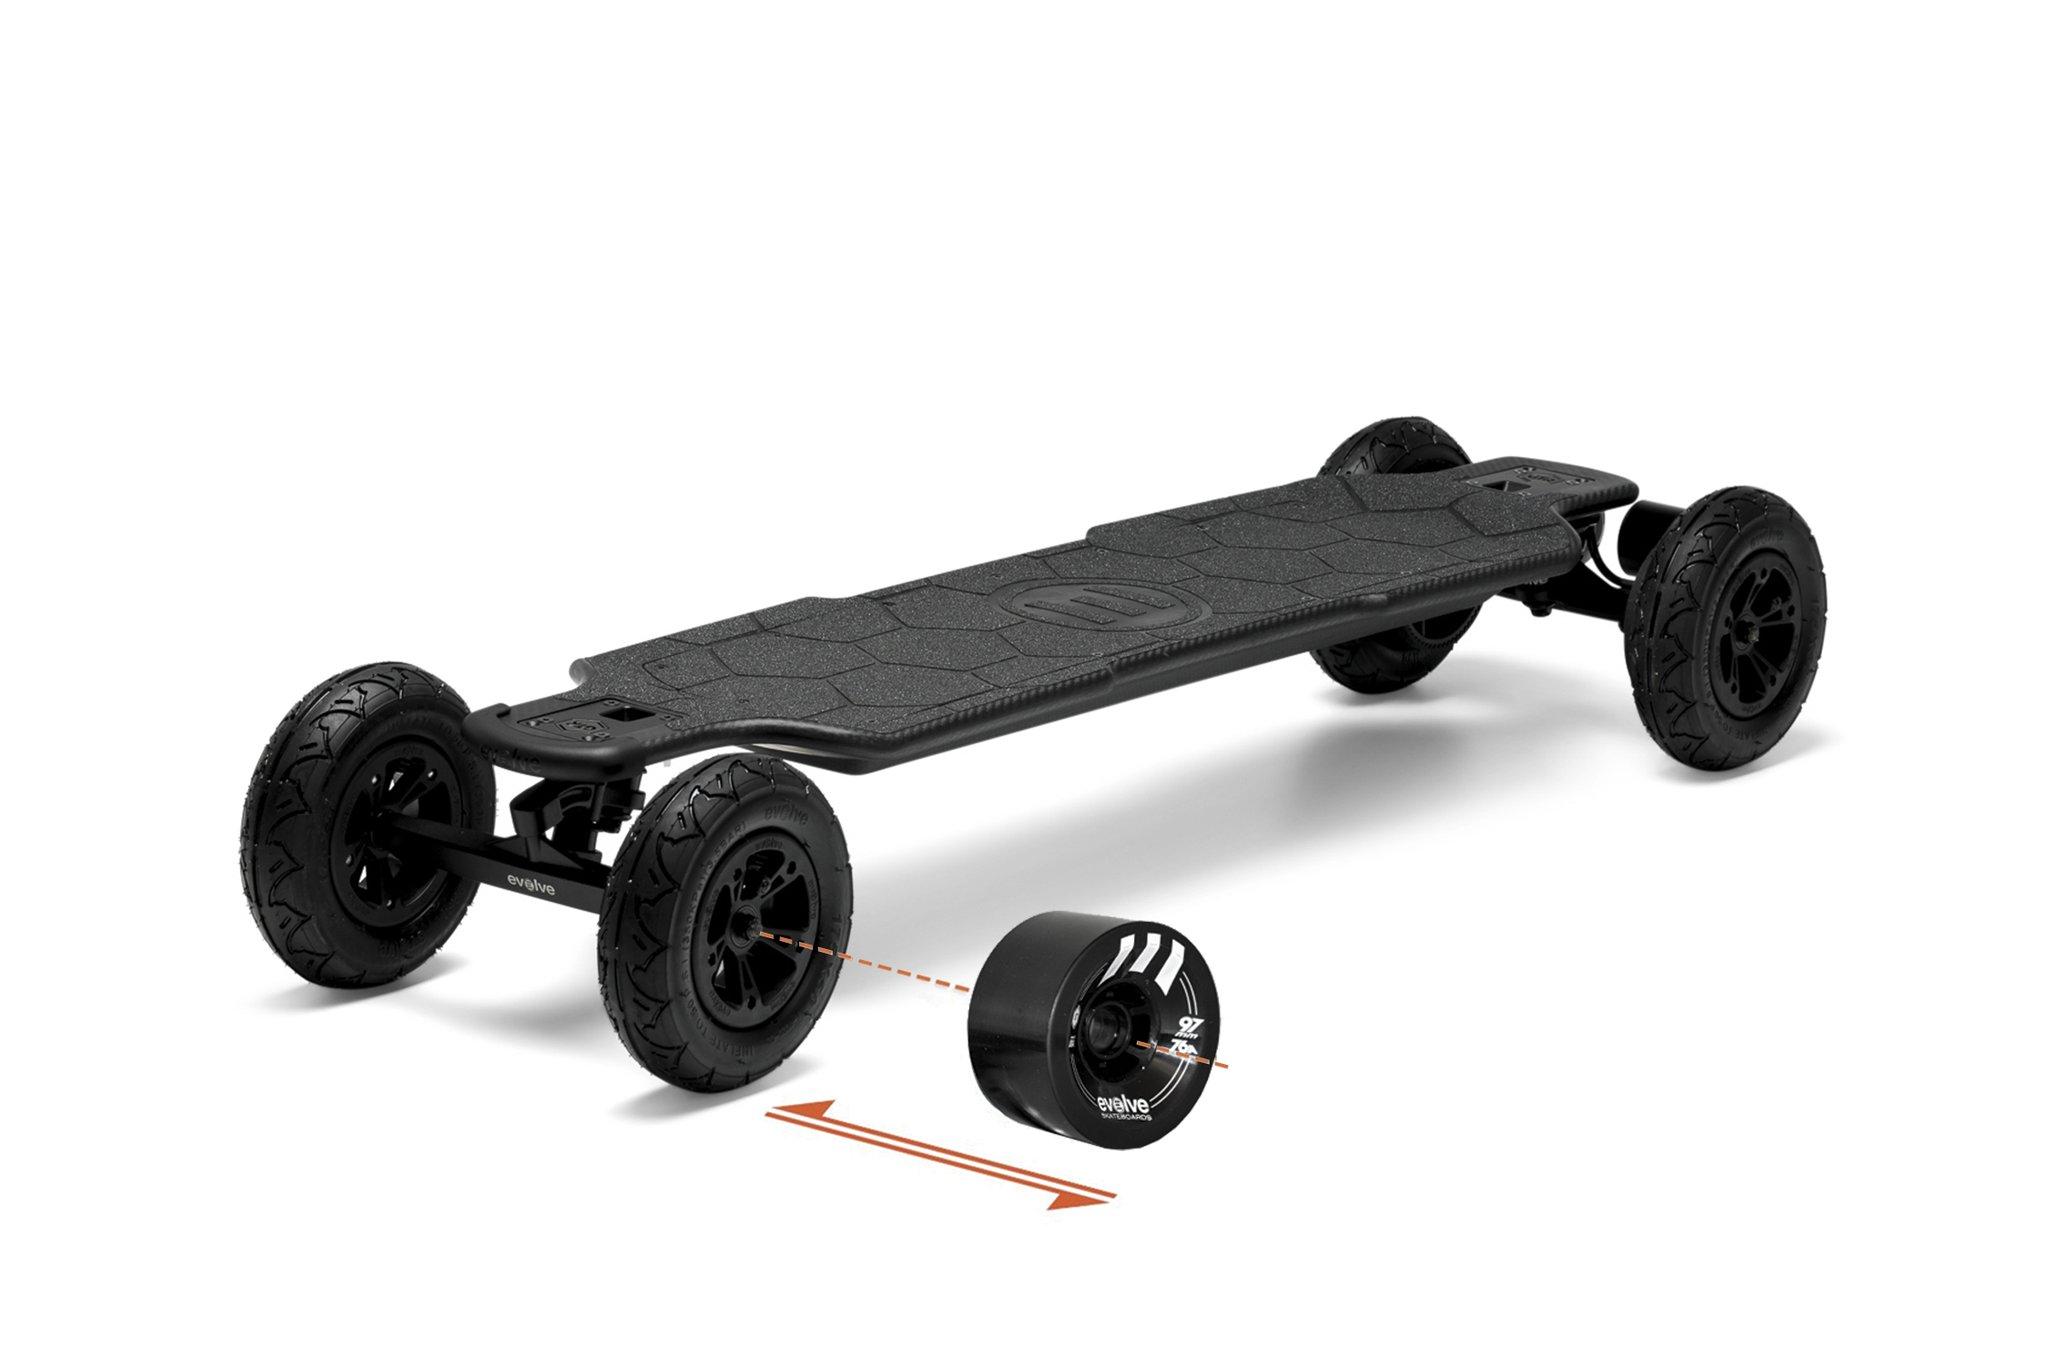 evolve electric skateboard 2 in 1